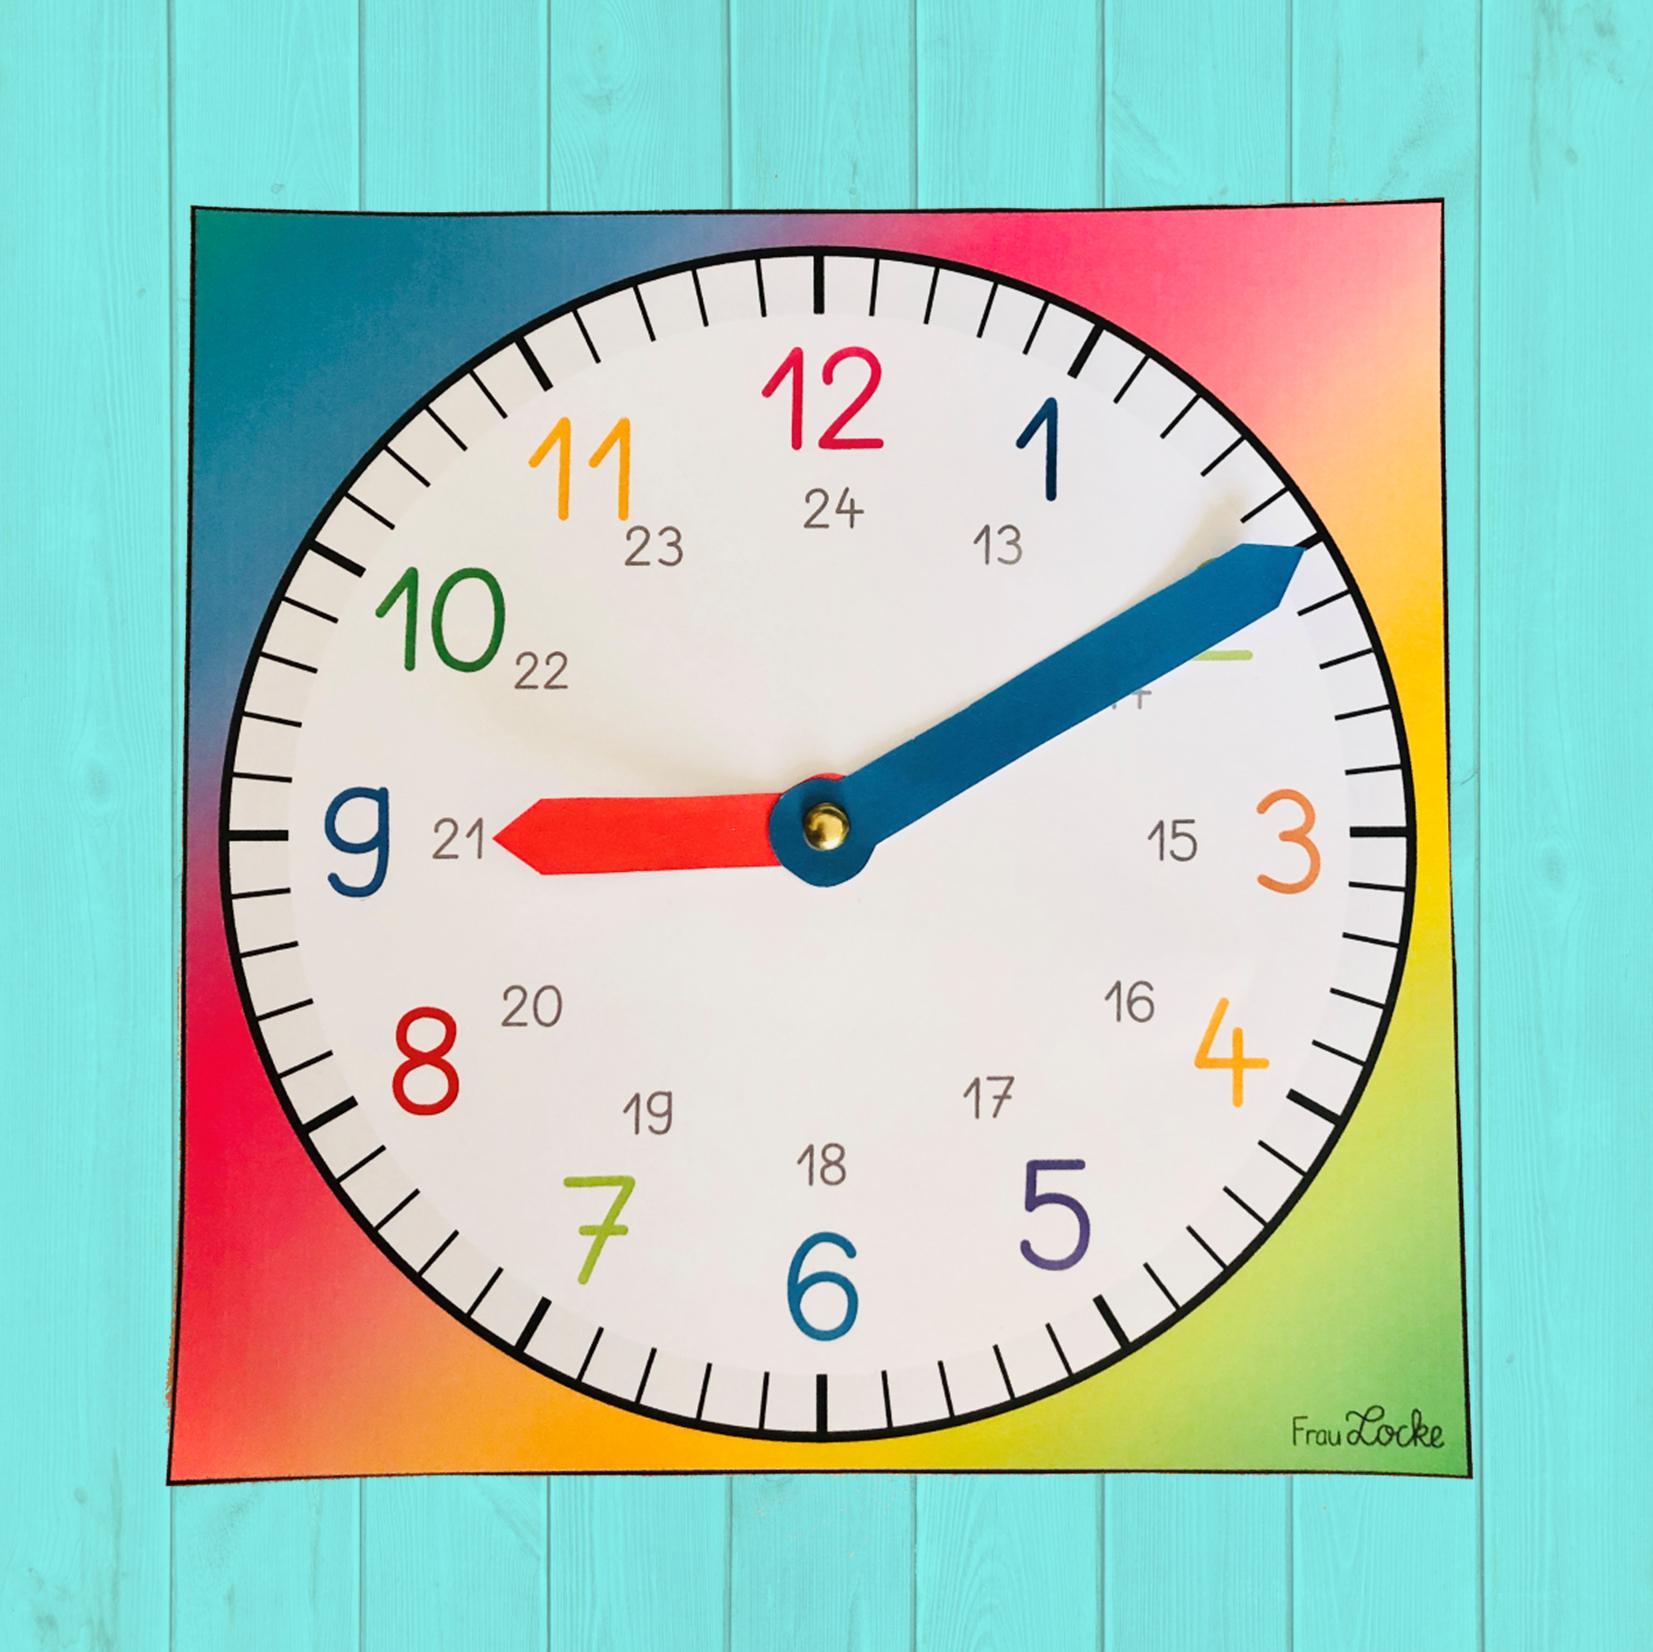 Lernuhr Bastelvorlage - Frau Locke mit Uhr Bastelvorlage